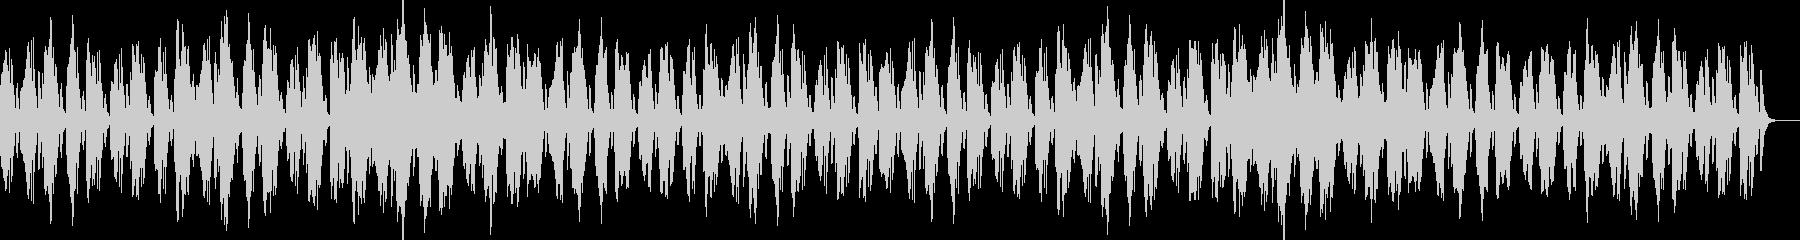 マリンバと鉄琴のかわいい系の未再生の波形